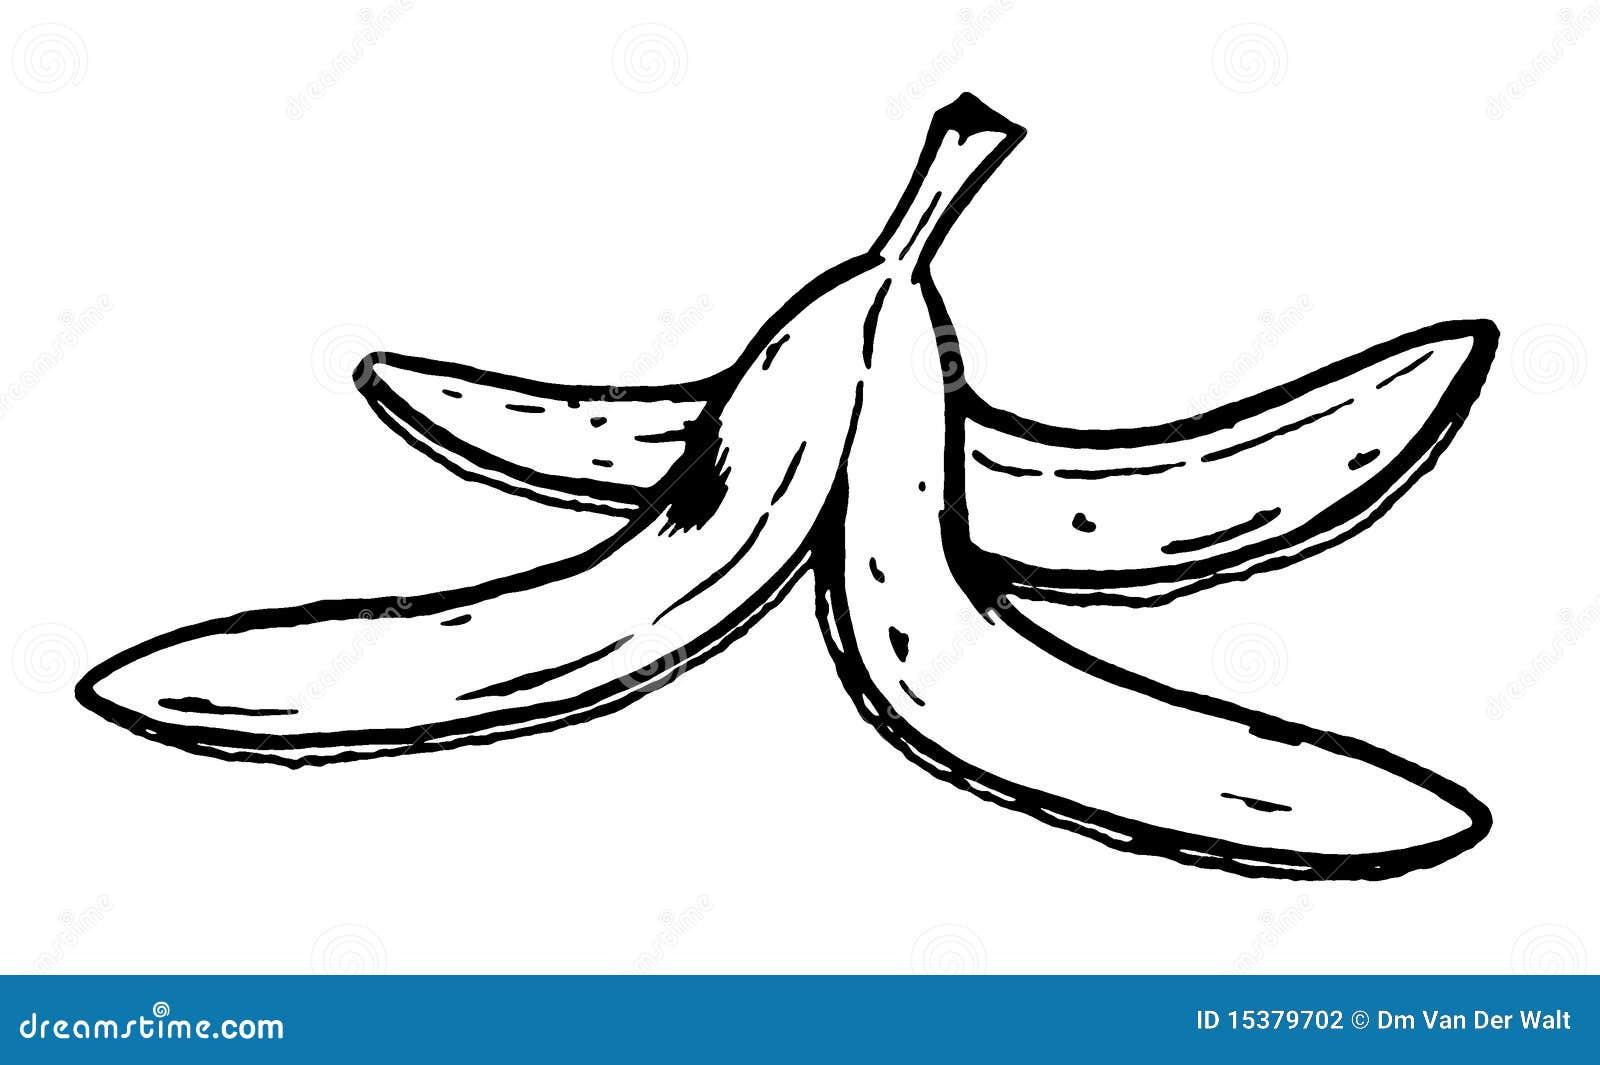 Banana Peel Stock Photography Image 15379702